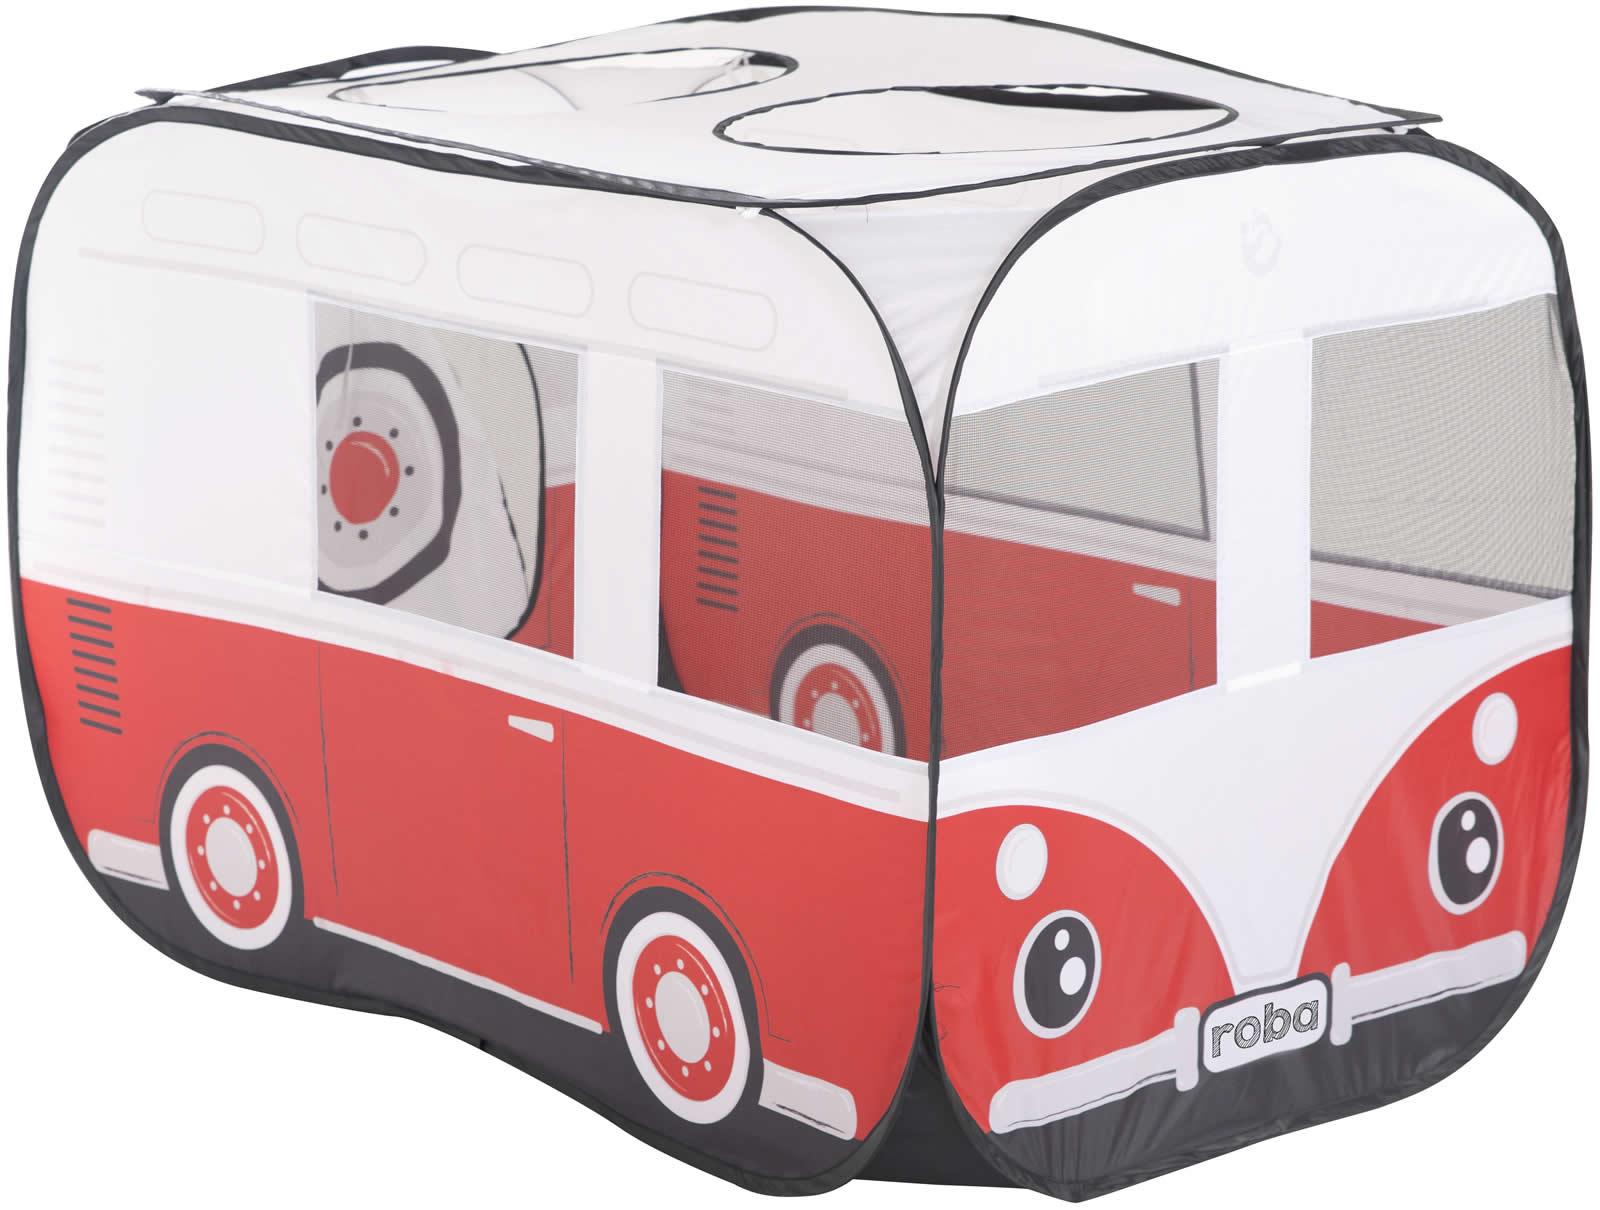 roba spielzelt pop up kinderzelt spielhaus b llebad zelt ebay. Black Bedroom Furniture Sets. Home Design Ideas